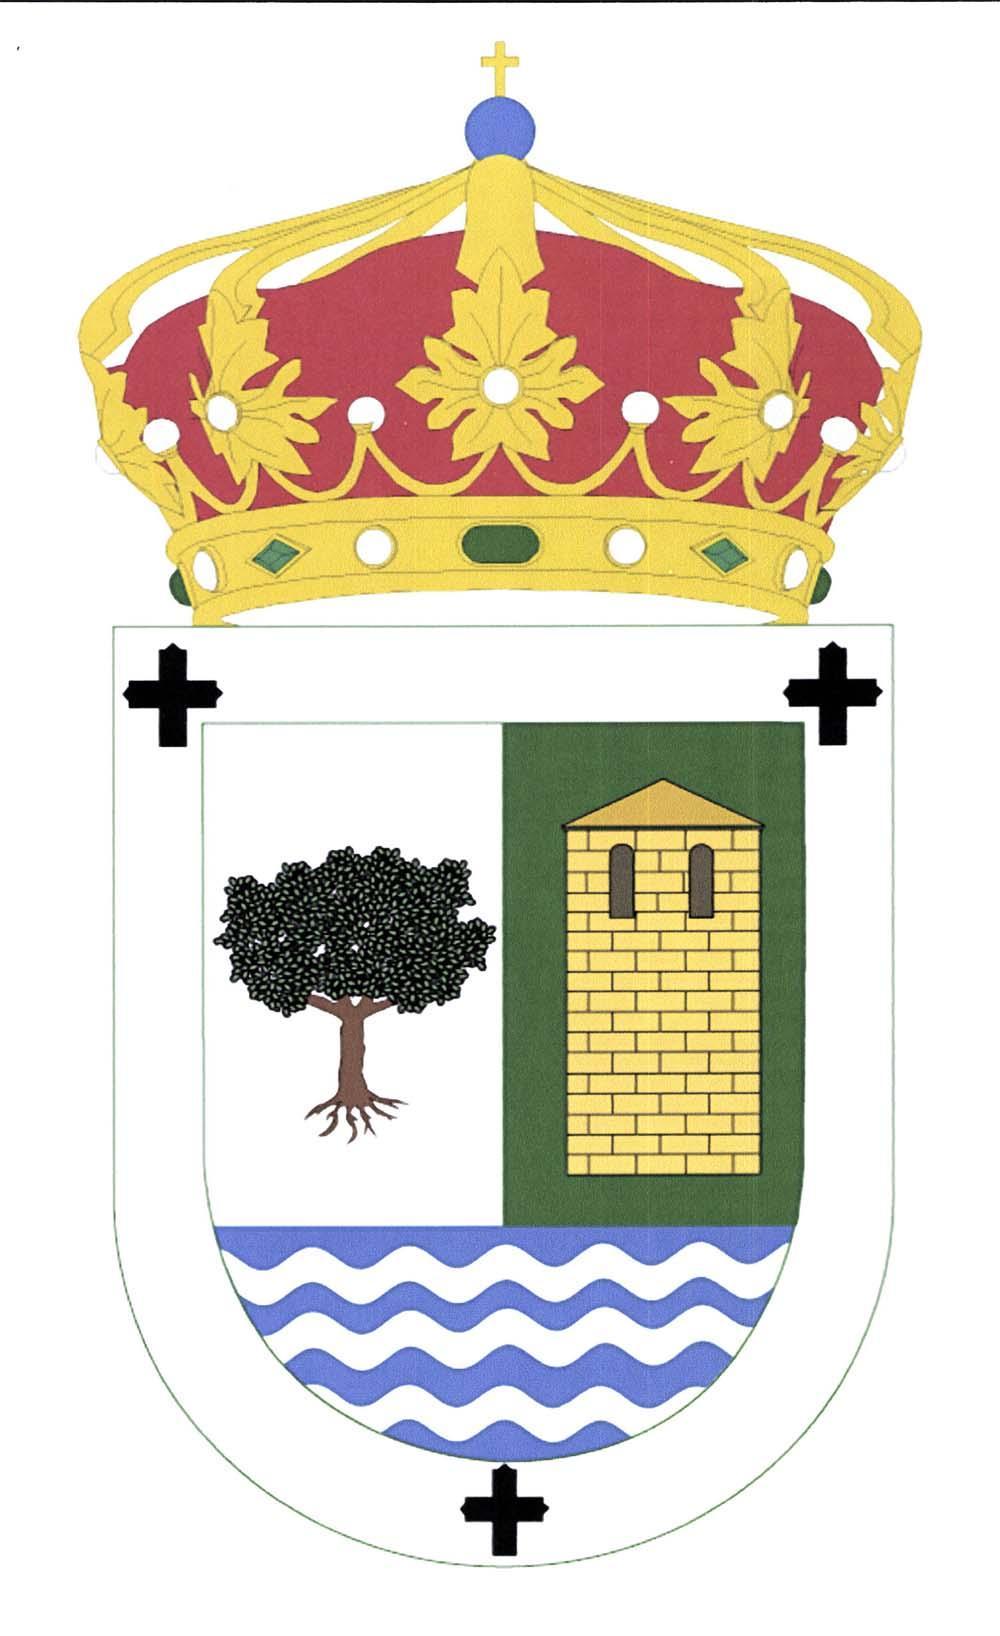 escudo_reduena.